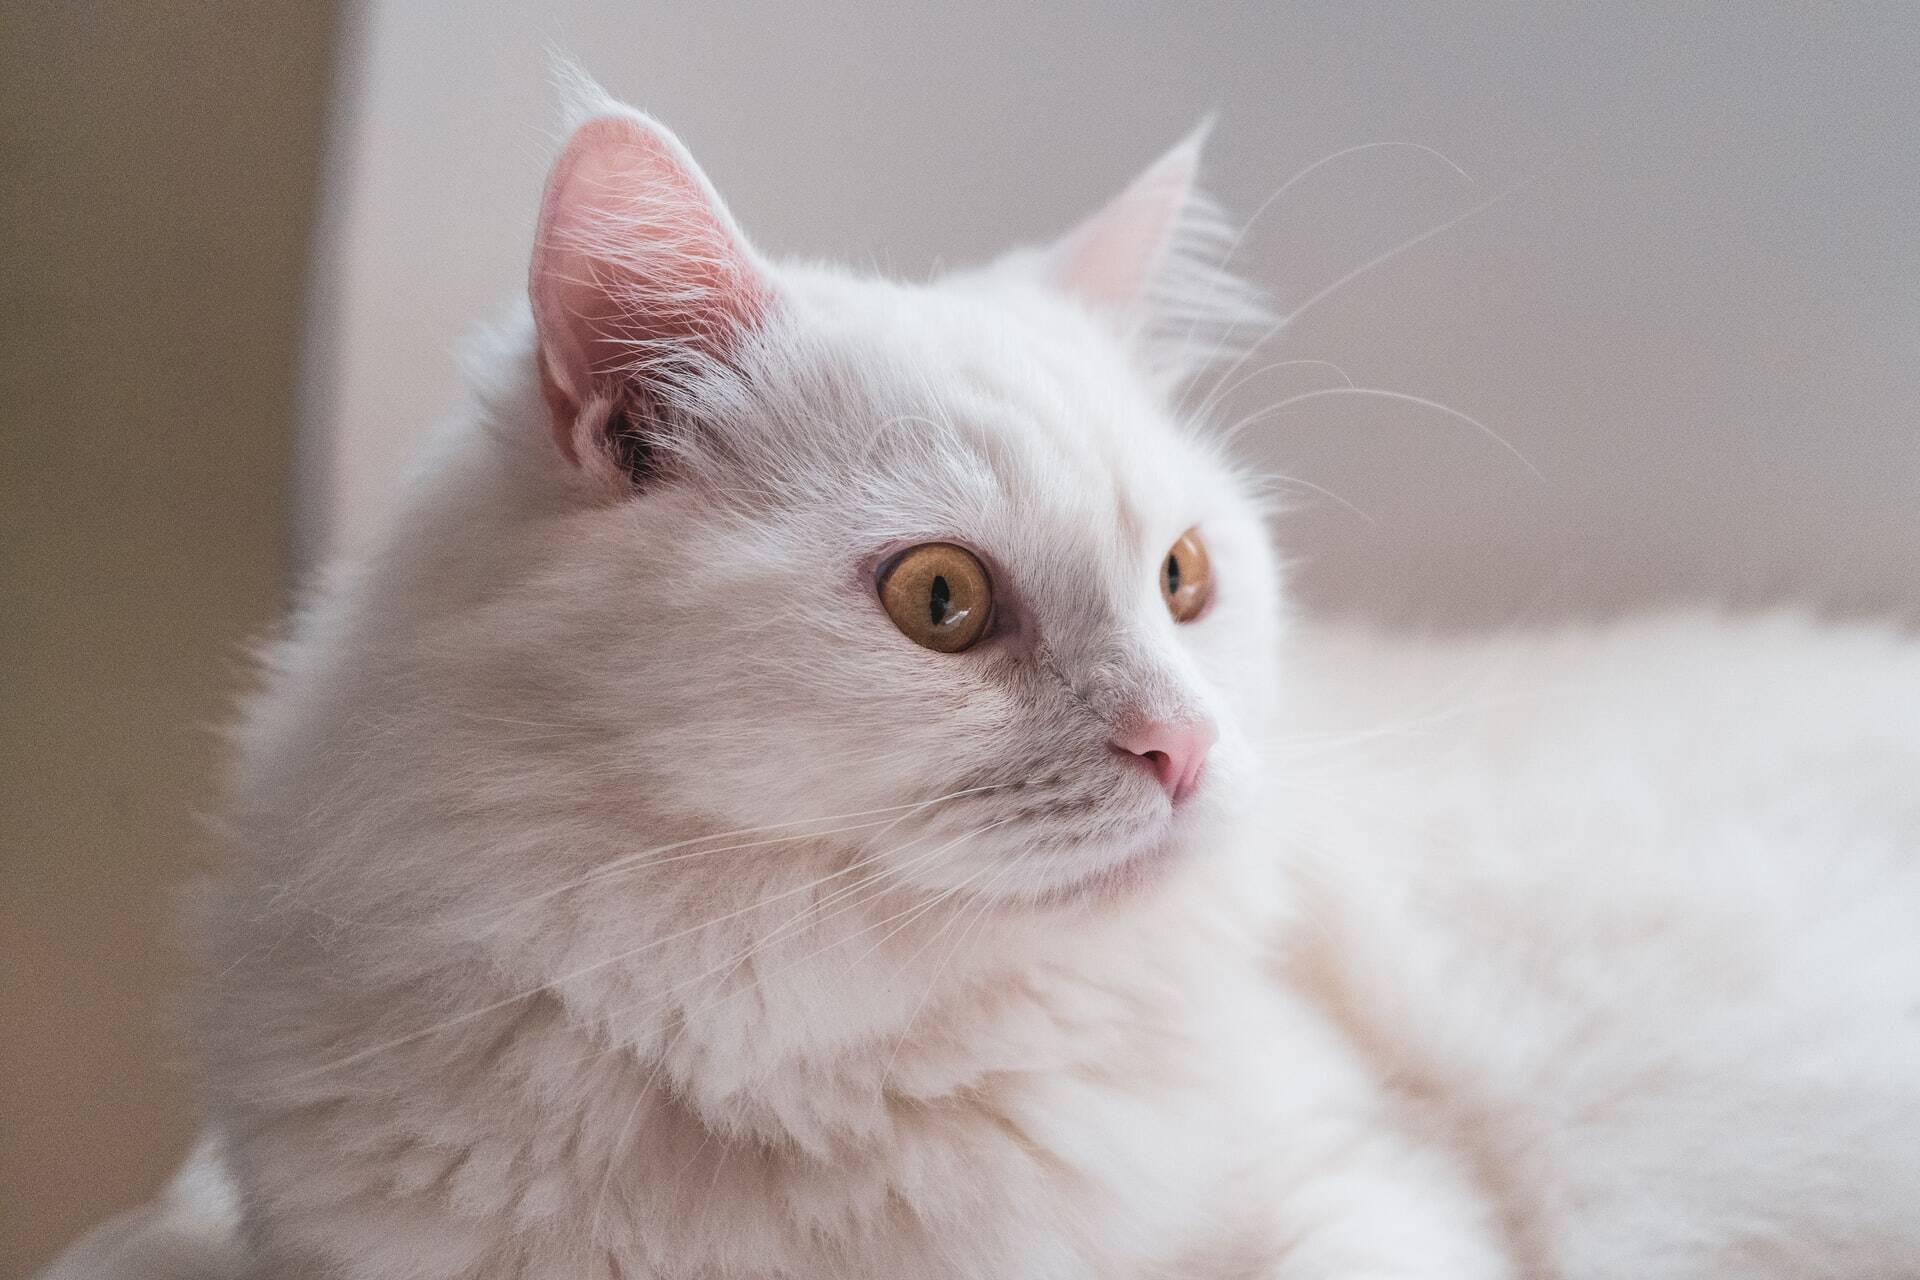 Saiba por que seu gato vive quebrando coisas e como dar um jeito nisso